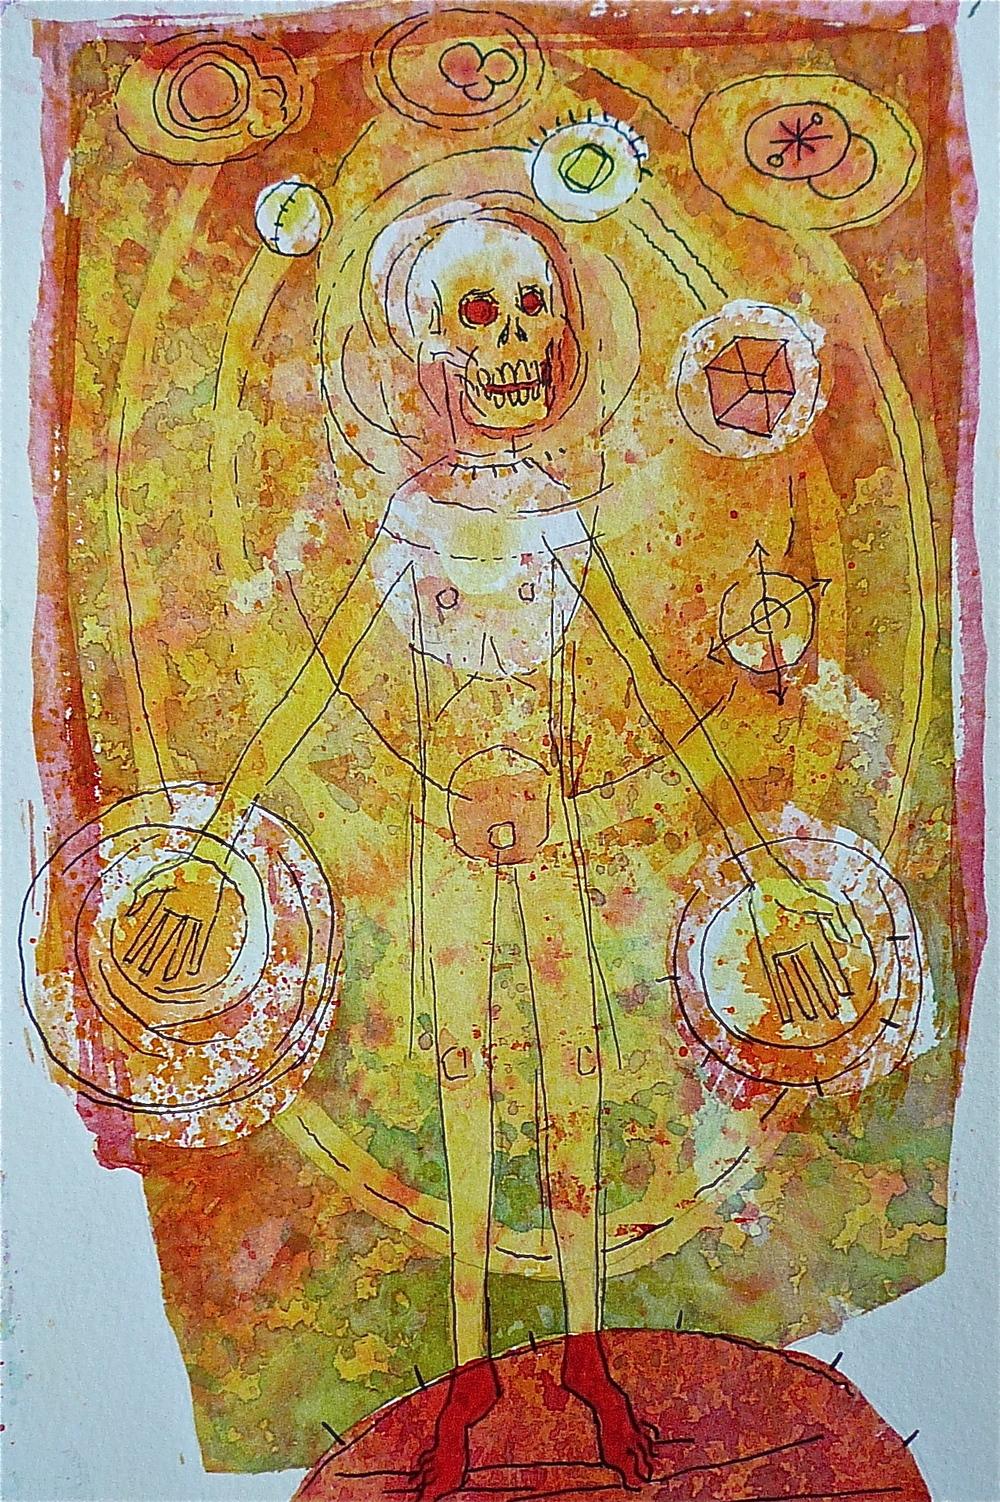 X-ray Annunciation